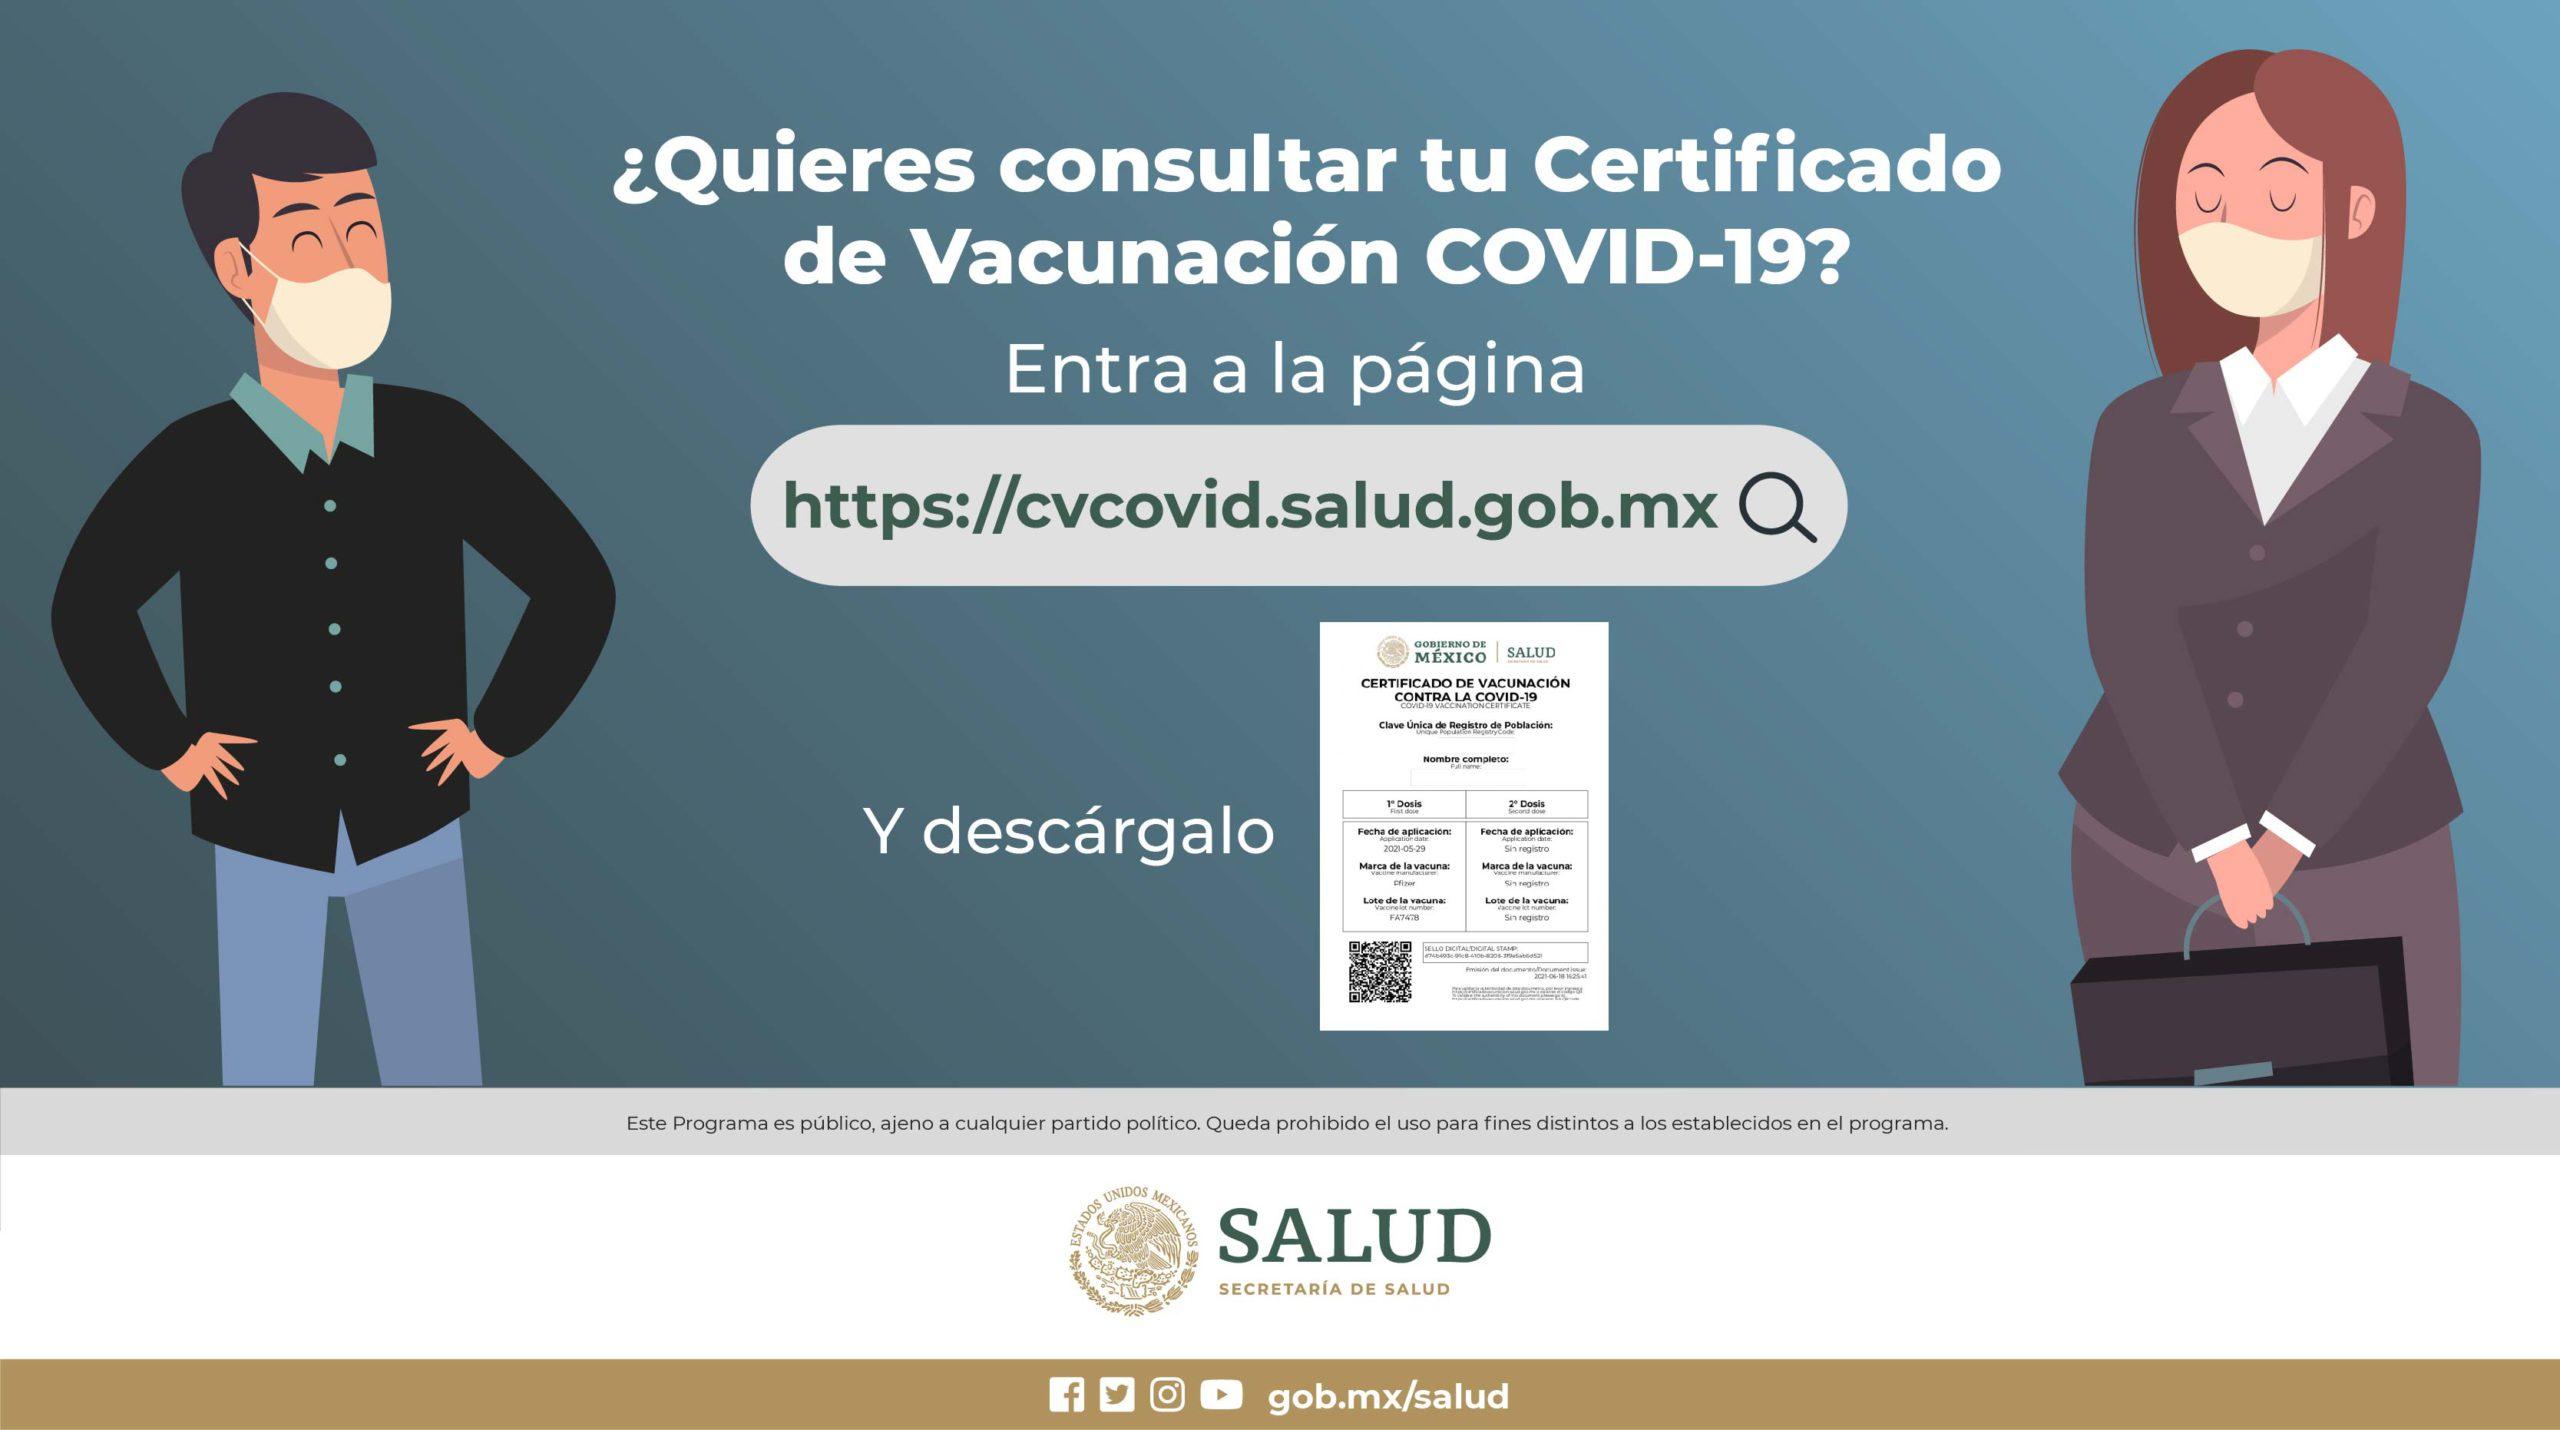 En esta página puedes descargar GRATIS el certificado de vacunación